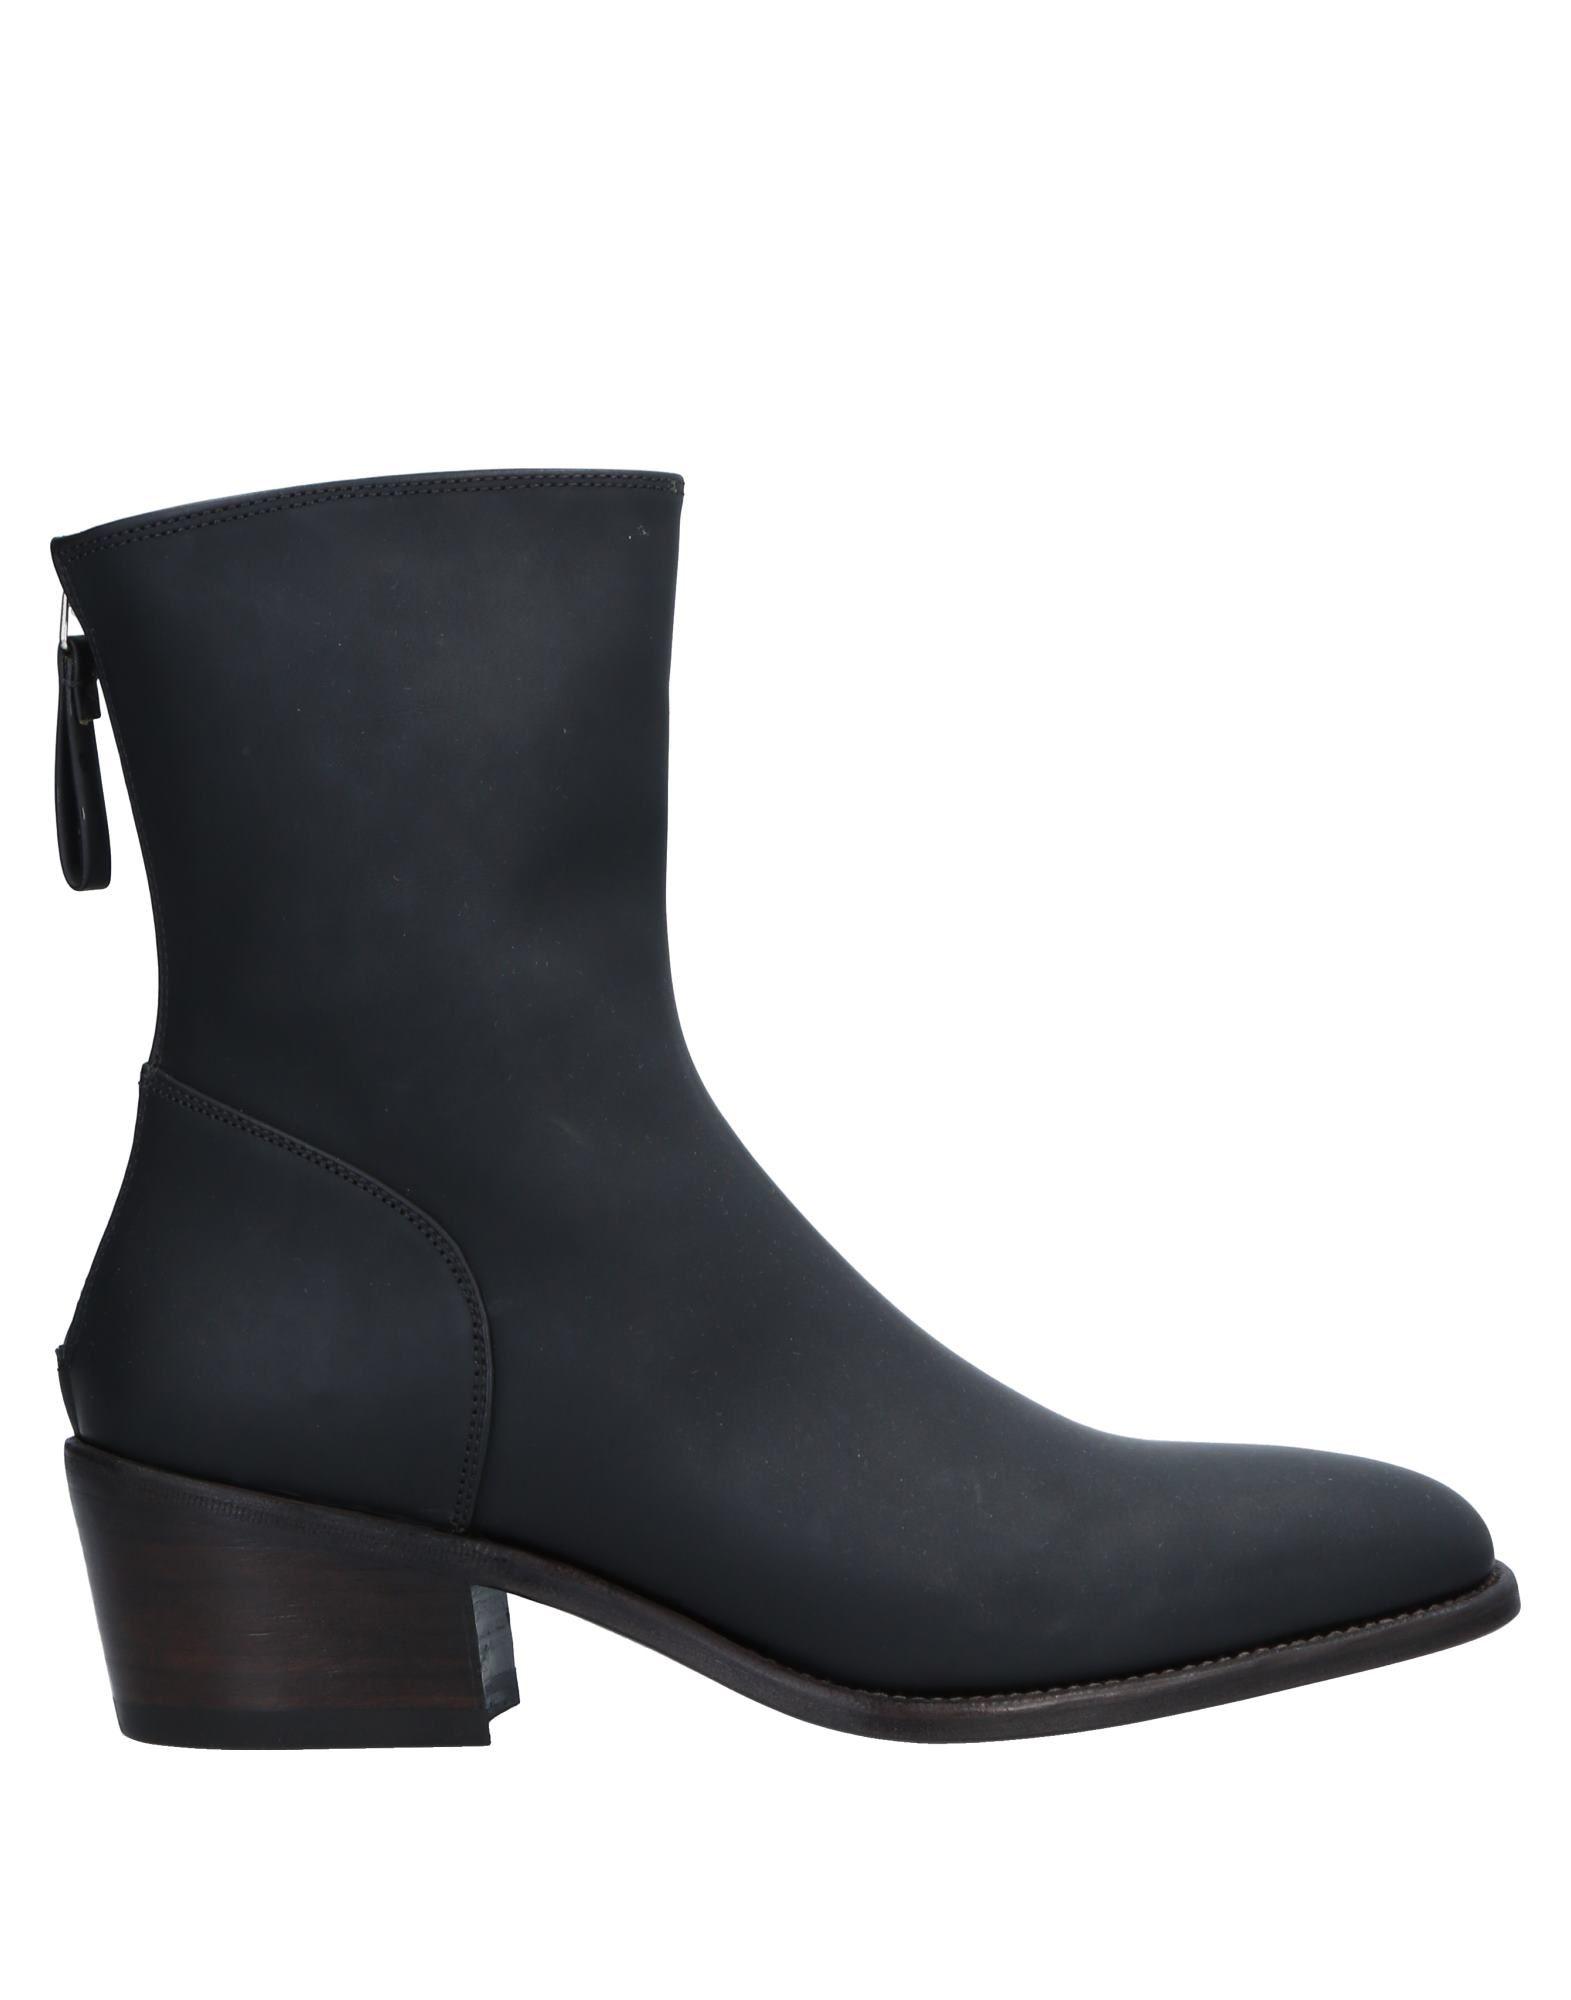 Rabatt Schuhe Premiata Stiefelette Damen  11530786KI